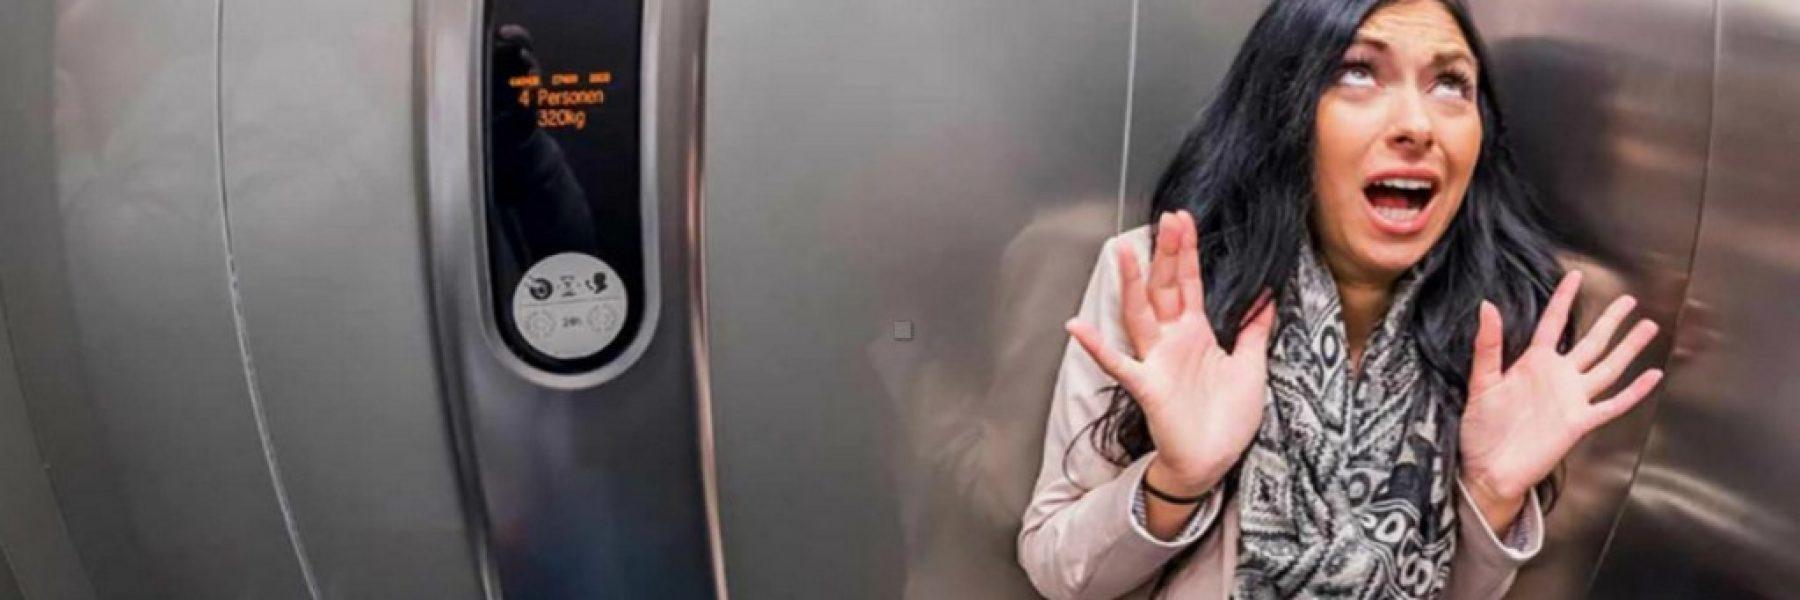 ascensore-bloccato